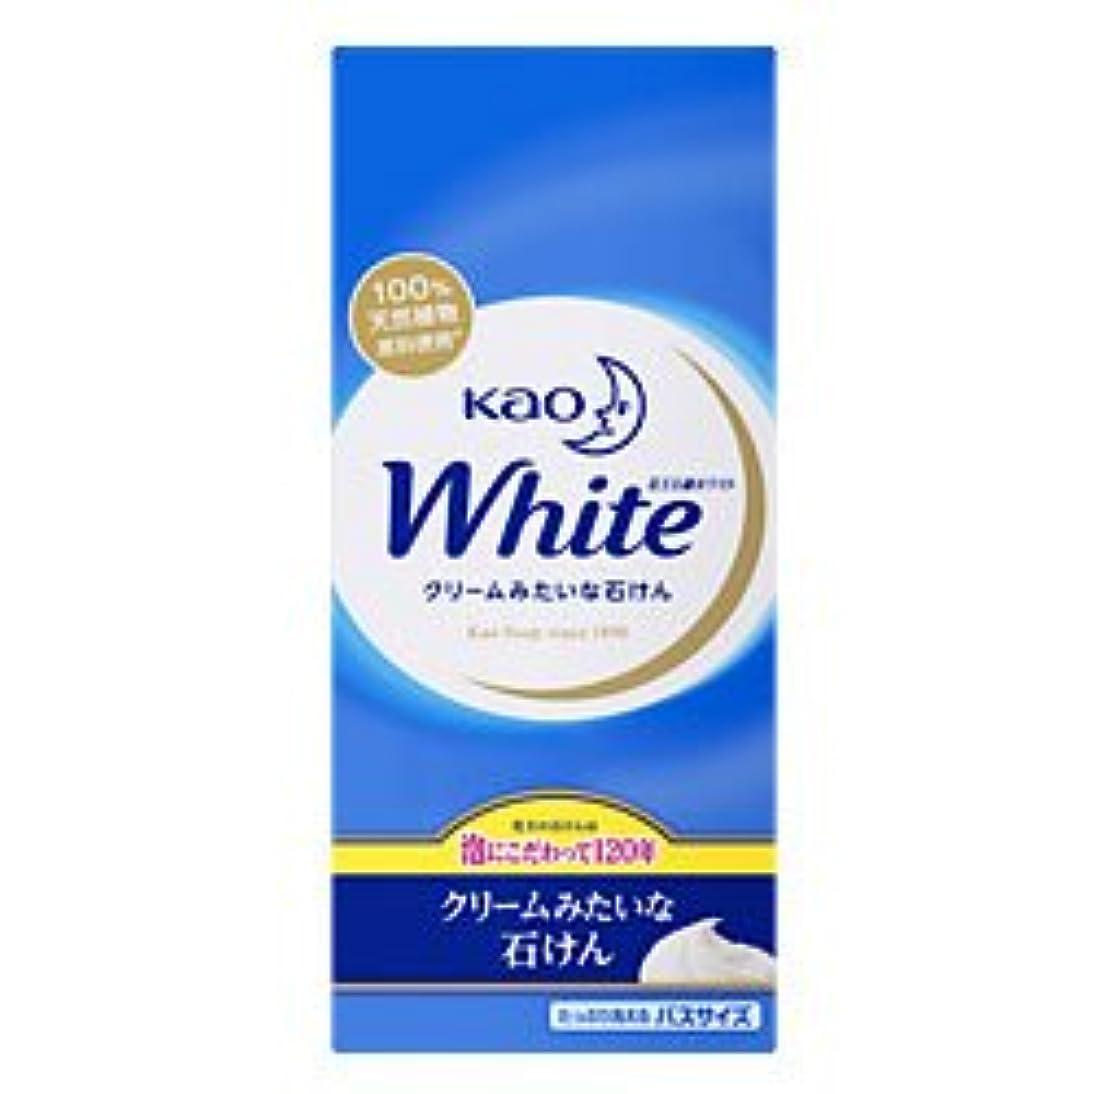 外科医出発する発掘【花王】花王ホワイト バスサイズ 130g×6個 ×10個セット